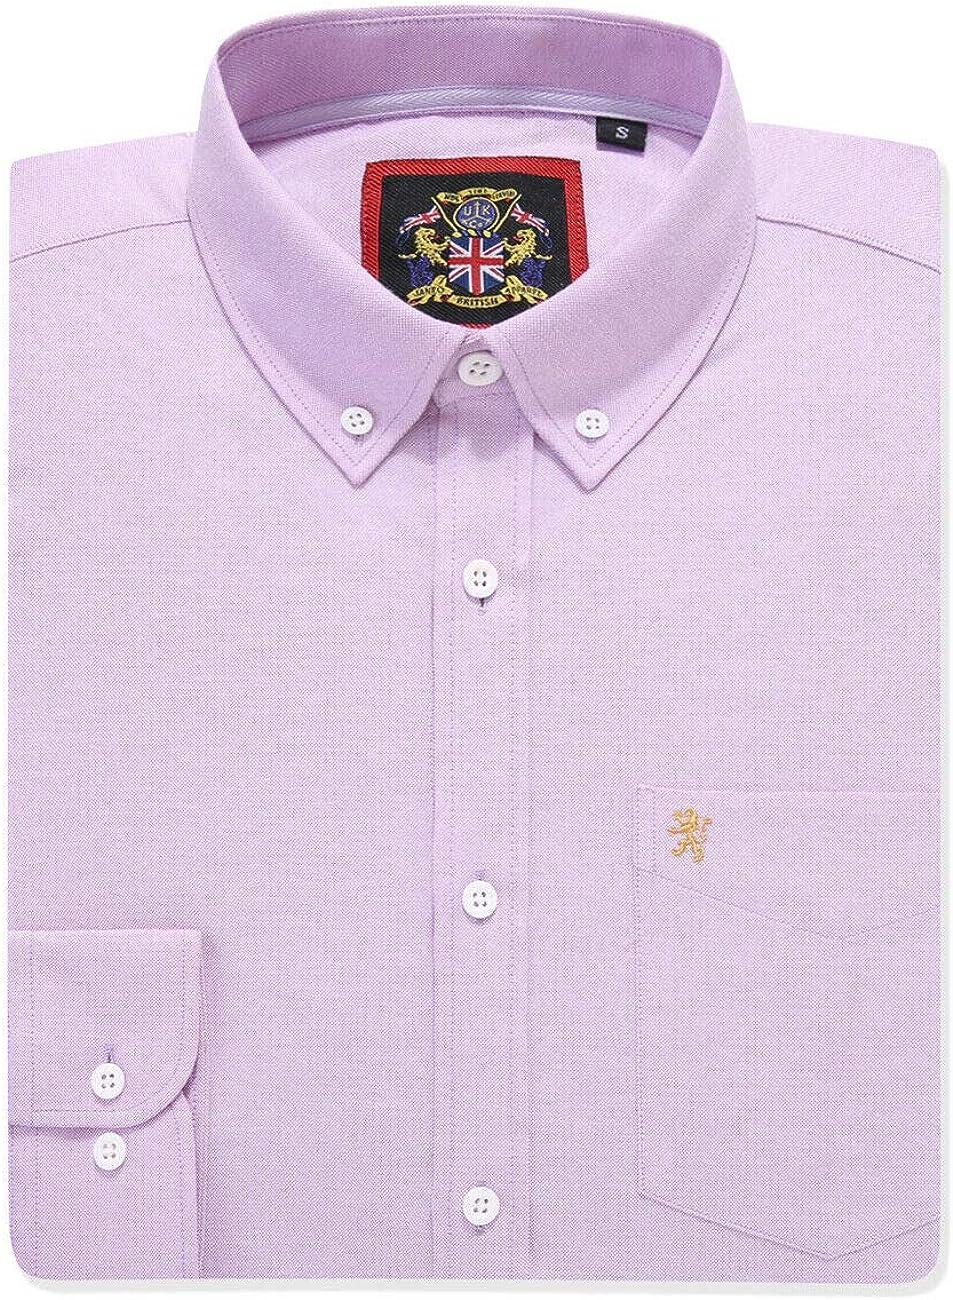 Janeo British Apparel Camisa de Manga Larga para Hombres, Modelo English Oxford Cuello con Botones, con Bolsillo y Bordado. Se Lleva con una Corbata o ...